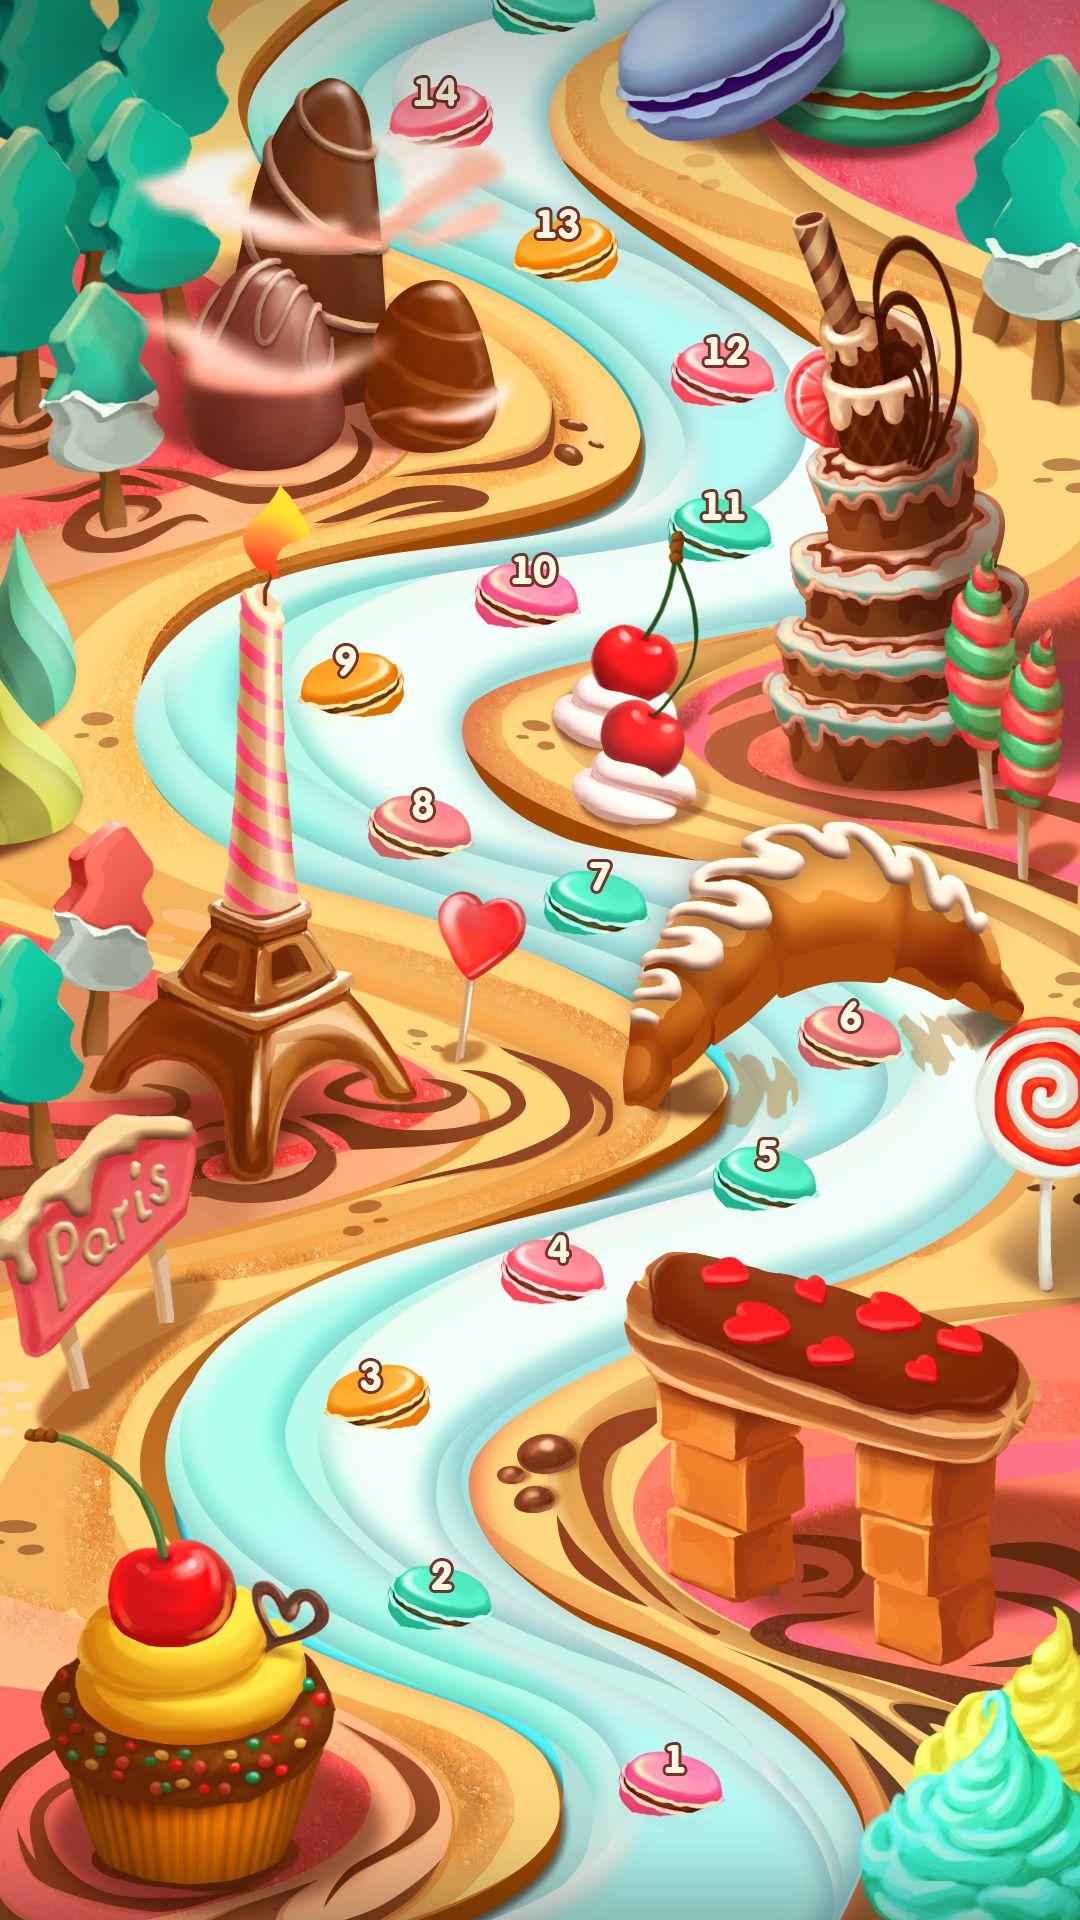 Map Of Paris Game on 20th arrondissement paris, notre dame paris, 11 arrondissement paris, google maps paris, map france, shopping paris, physical map paris, the latin quarter paris, best tourist map paris, world map paris, detailed map paris, montmartre paris, rue mouffetard paris, things to do in paris, weather paris,